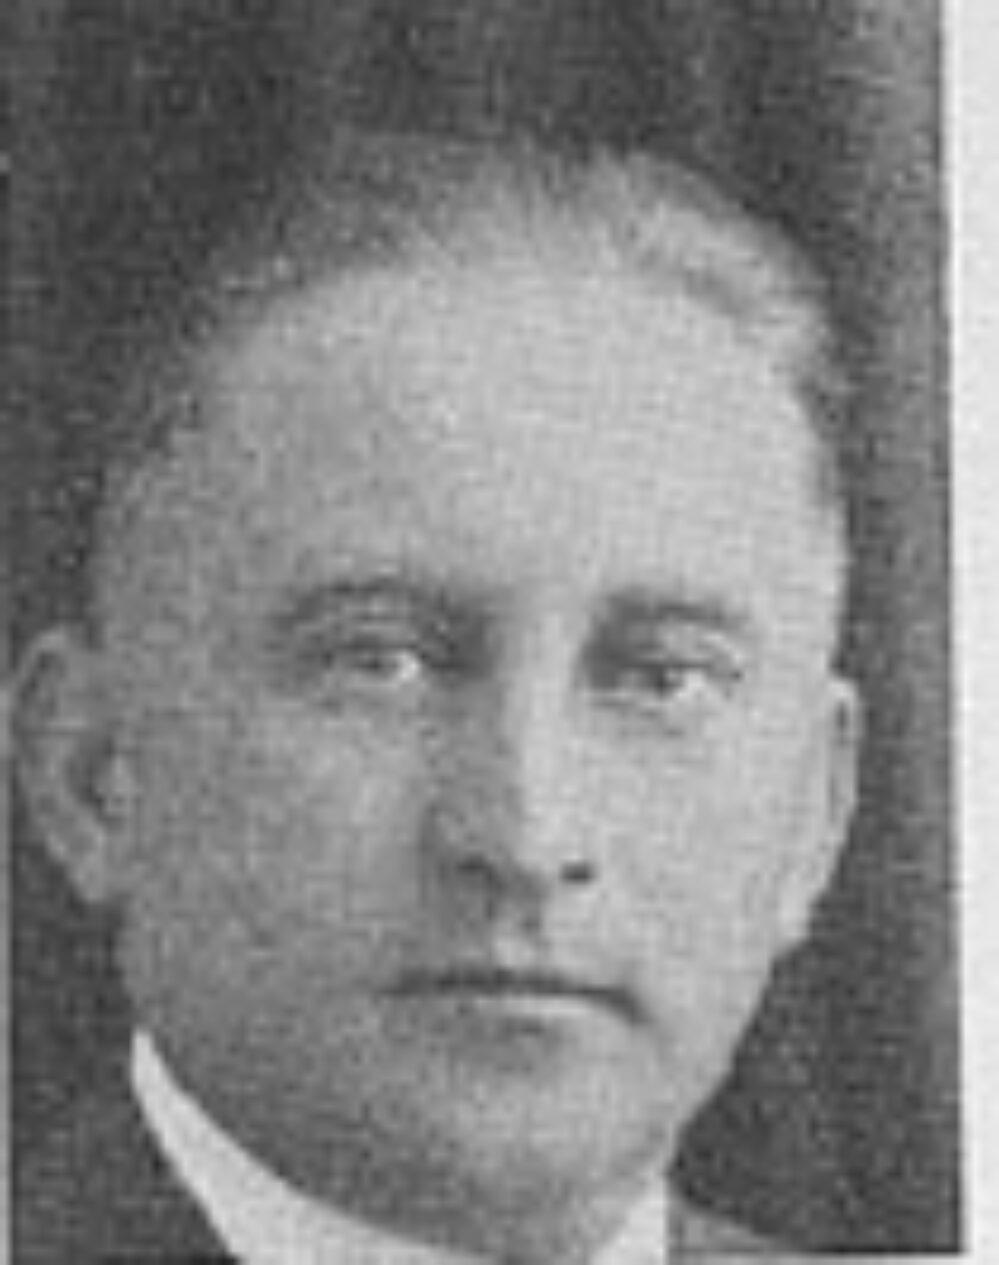 Sverre Johnsen